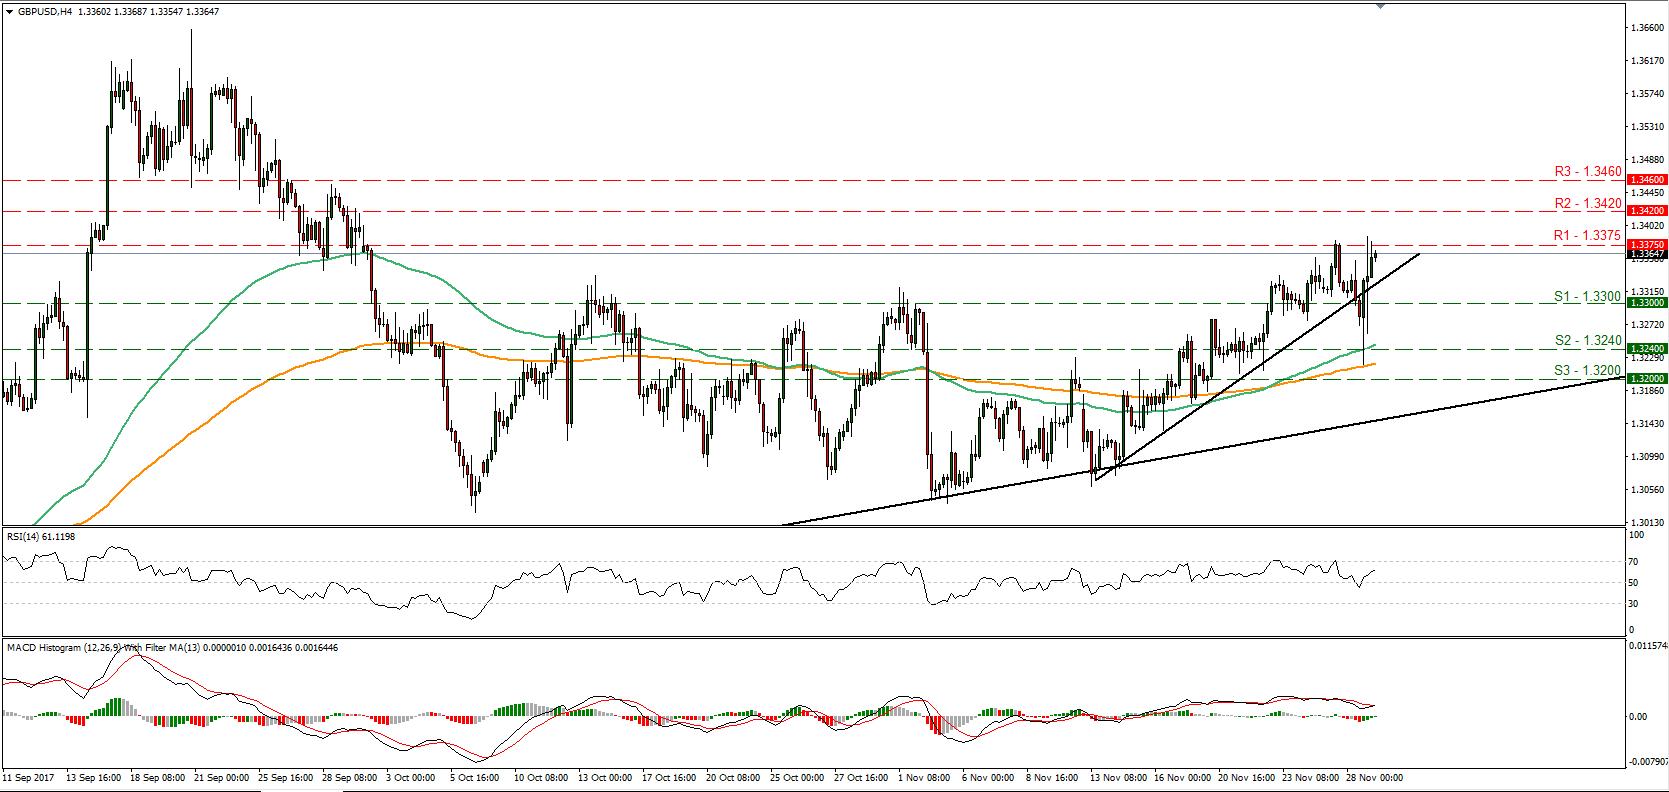 GBP/USD 29 Nov 2017 | Econ Alerts